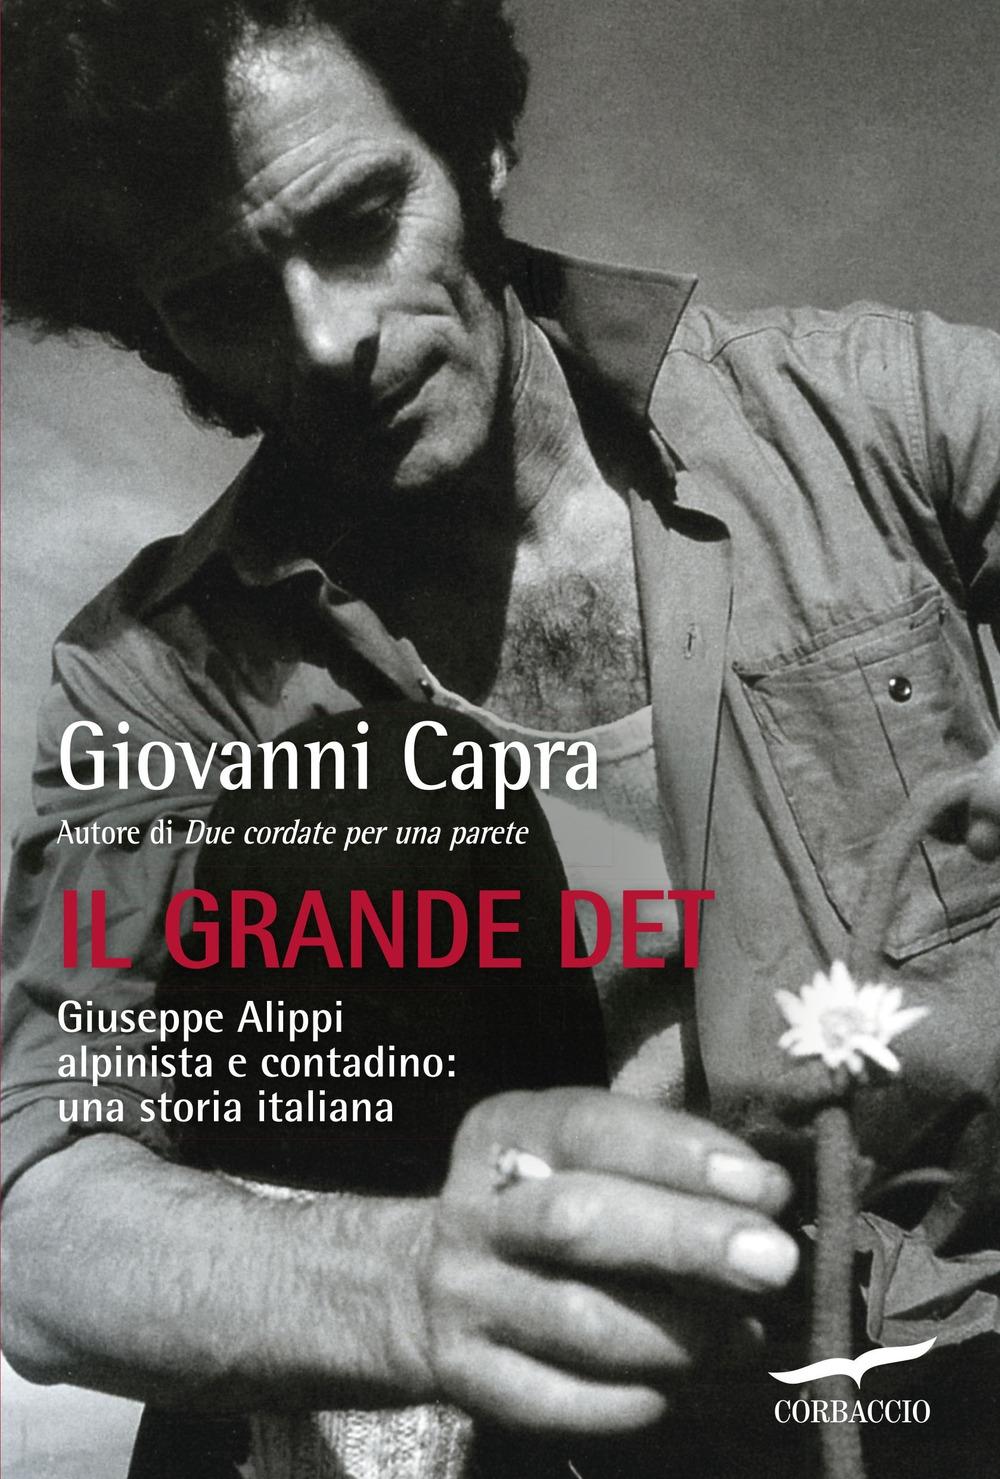 Il grande Det. Giuseppe Alippi alpinista e contadino: una storia italiana.